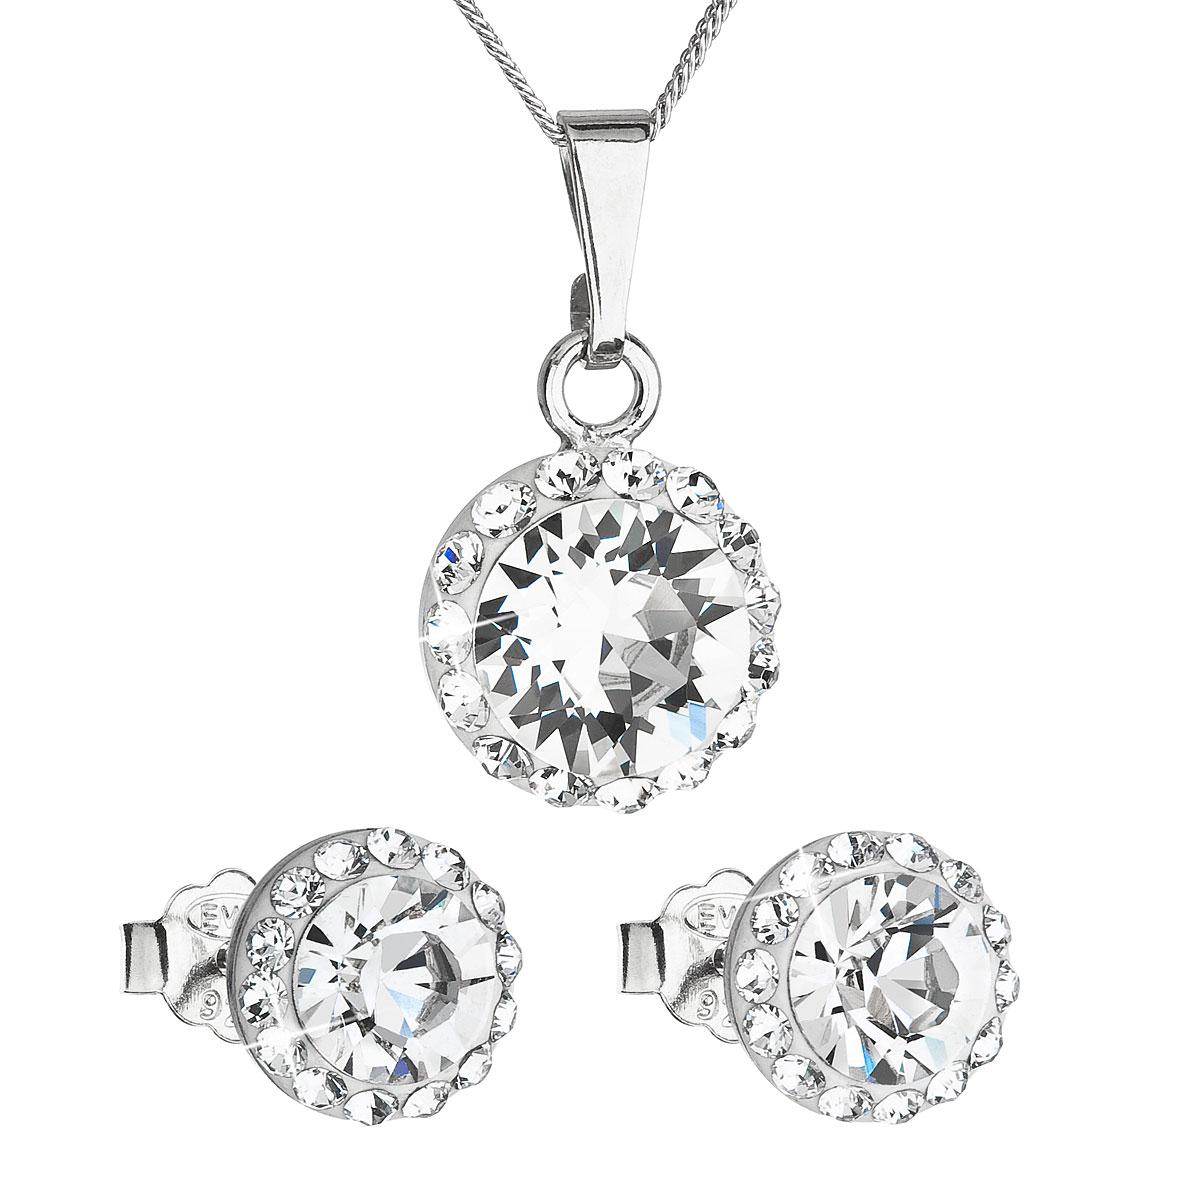 Sada šperků s krystaly Swarovski náušnice, řetízek a přívěsek bílé kulaté 39152.1